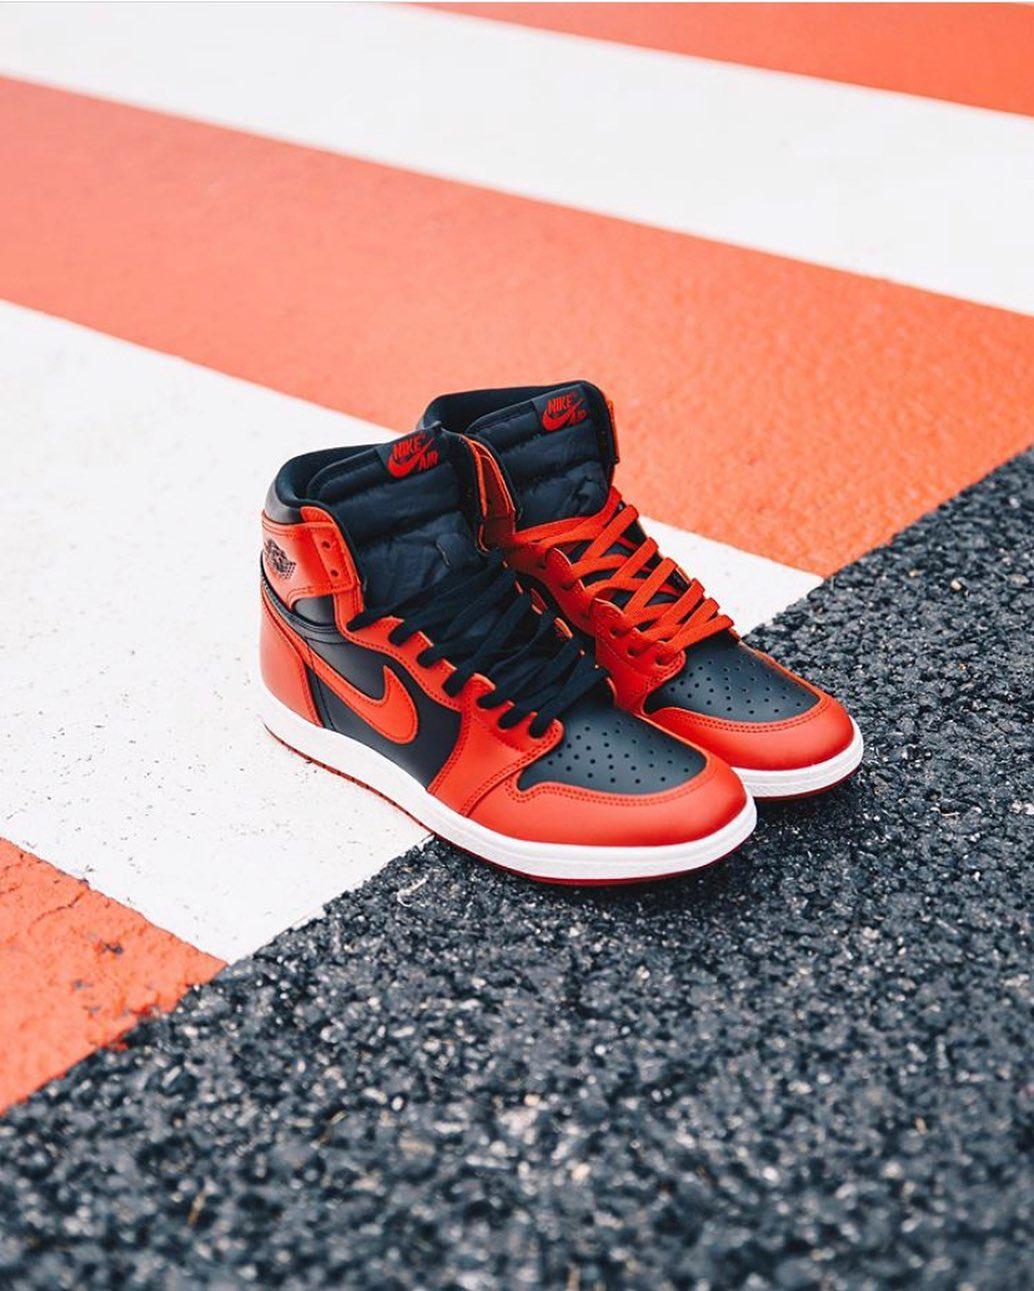 Air jordan 1,Yeezy,发售  近期起飞新鞋真不少!4 双市价破万!最贵的能买 5 双 OW x AJ5!